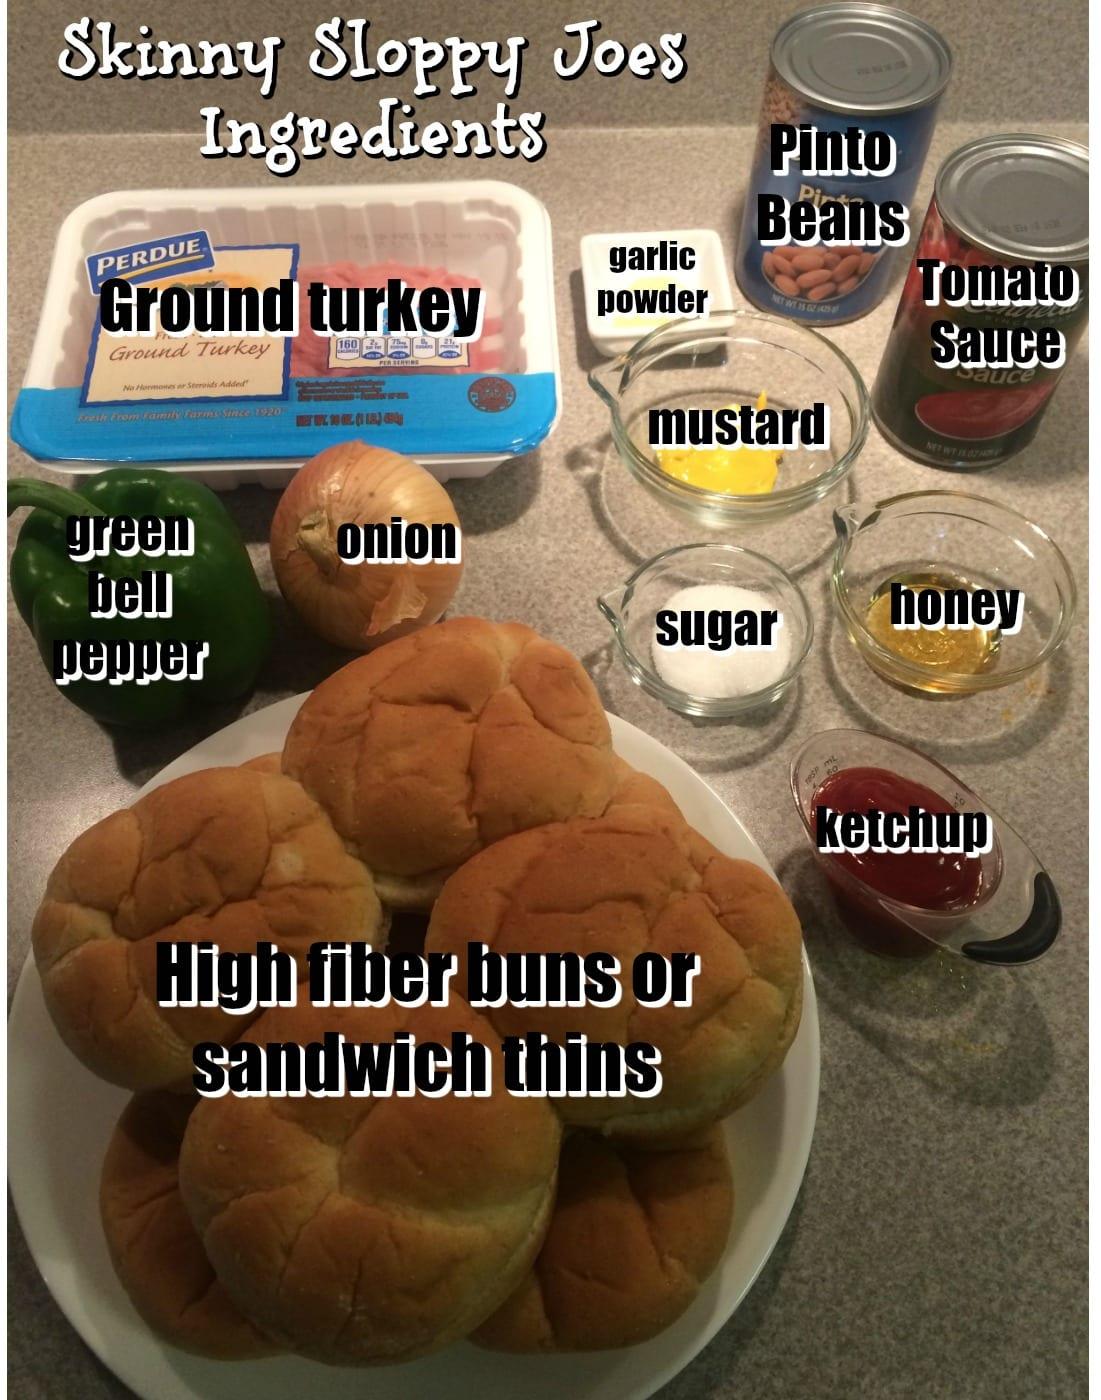 Skinny Sloppy Joes, Crock Pot... Or Not - Meal Planning Mommies